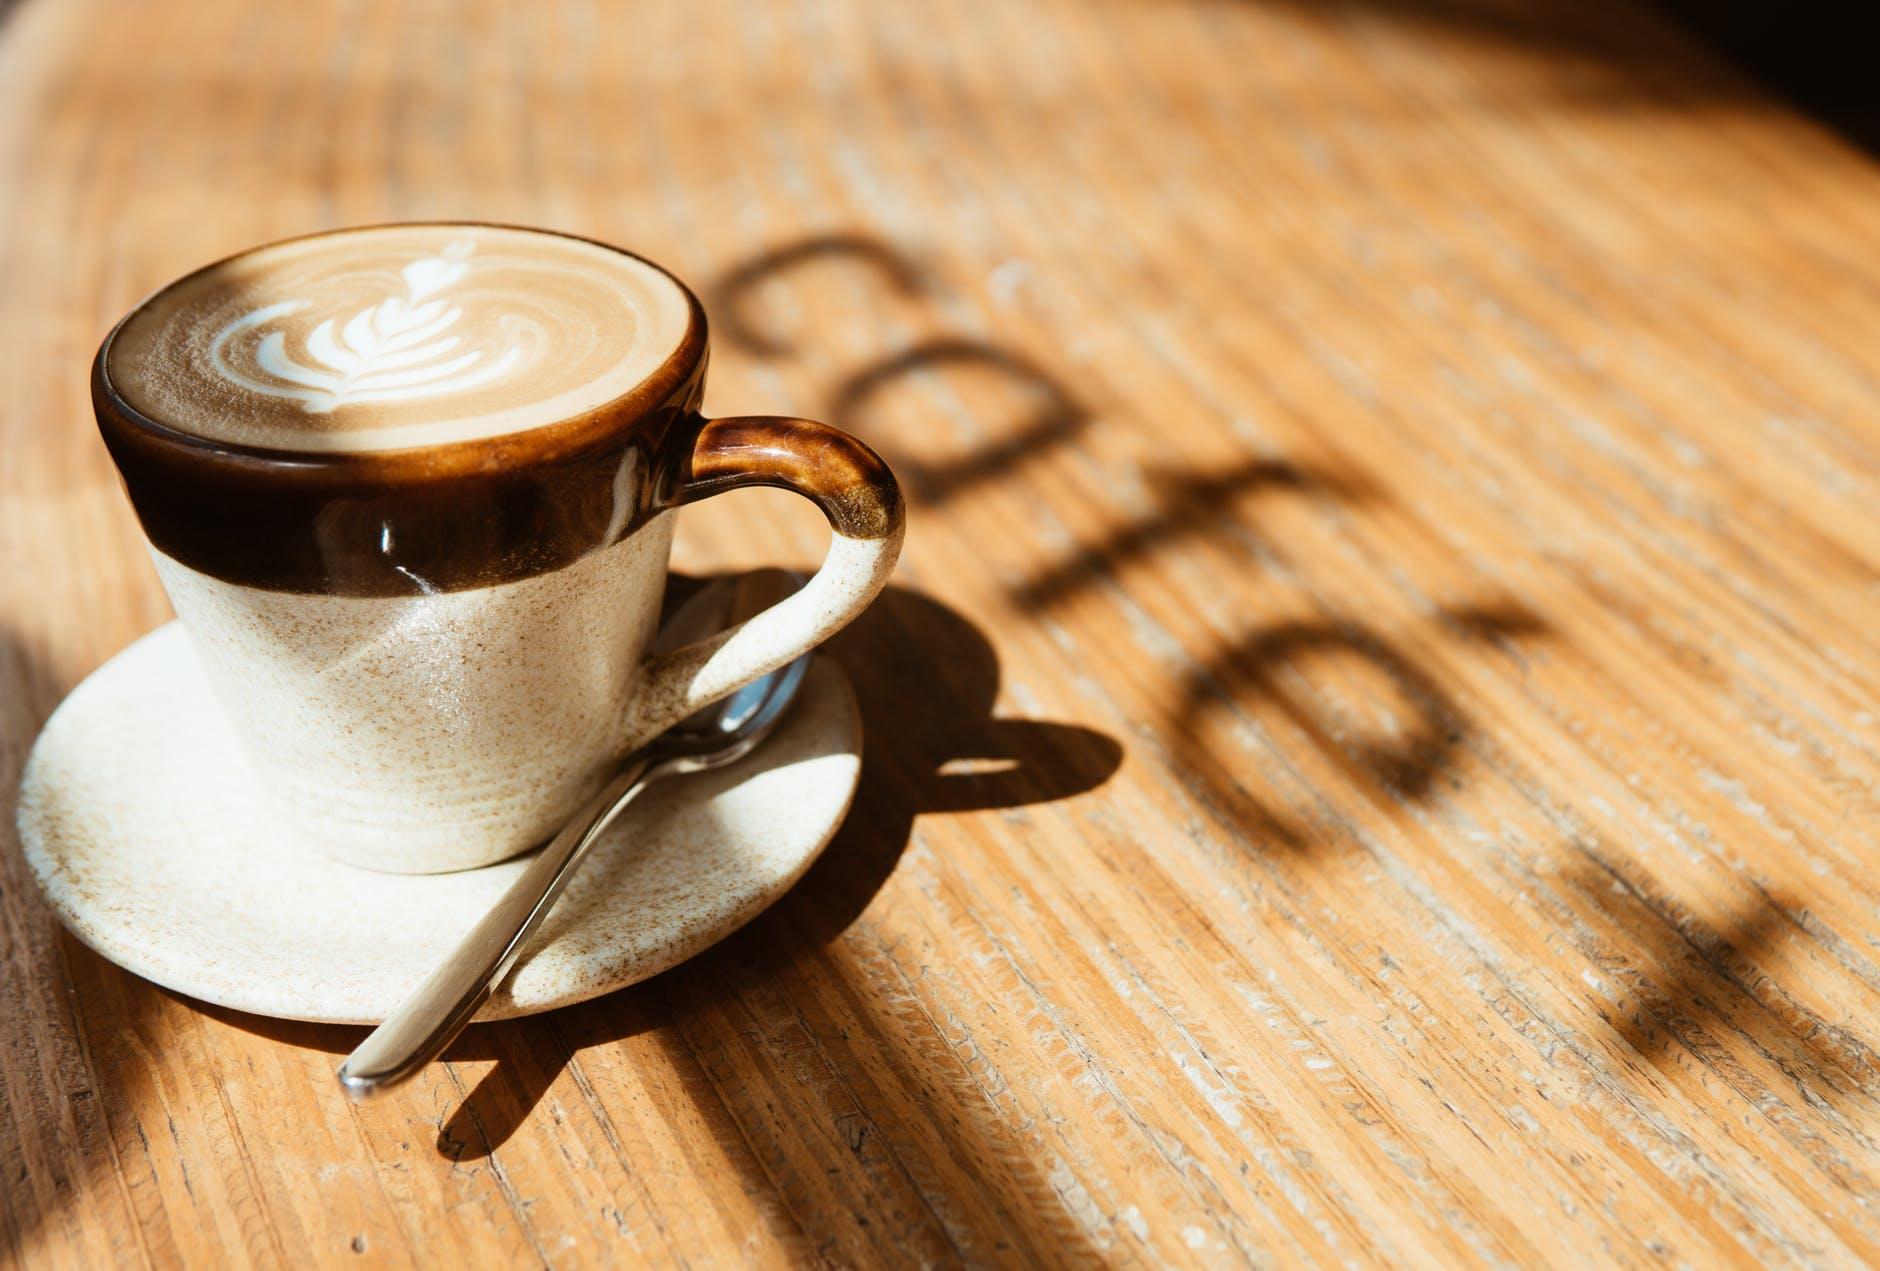 Benefity kávy pri pravidelnom pití / Zdroj: Pexels